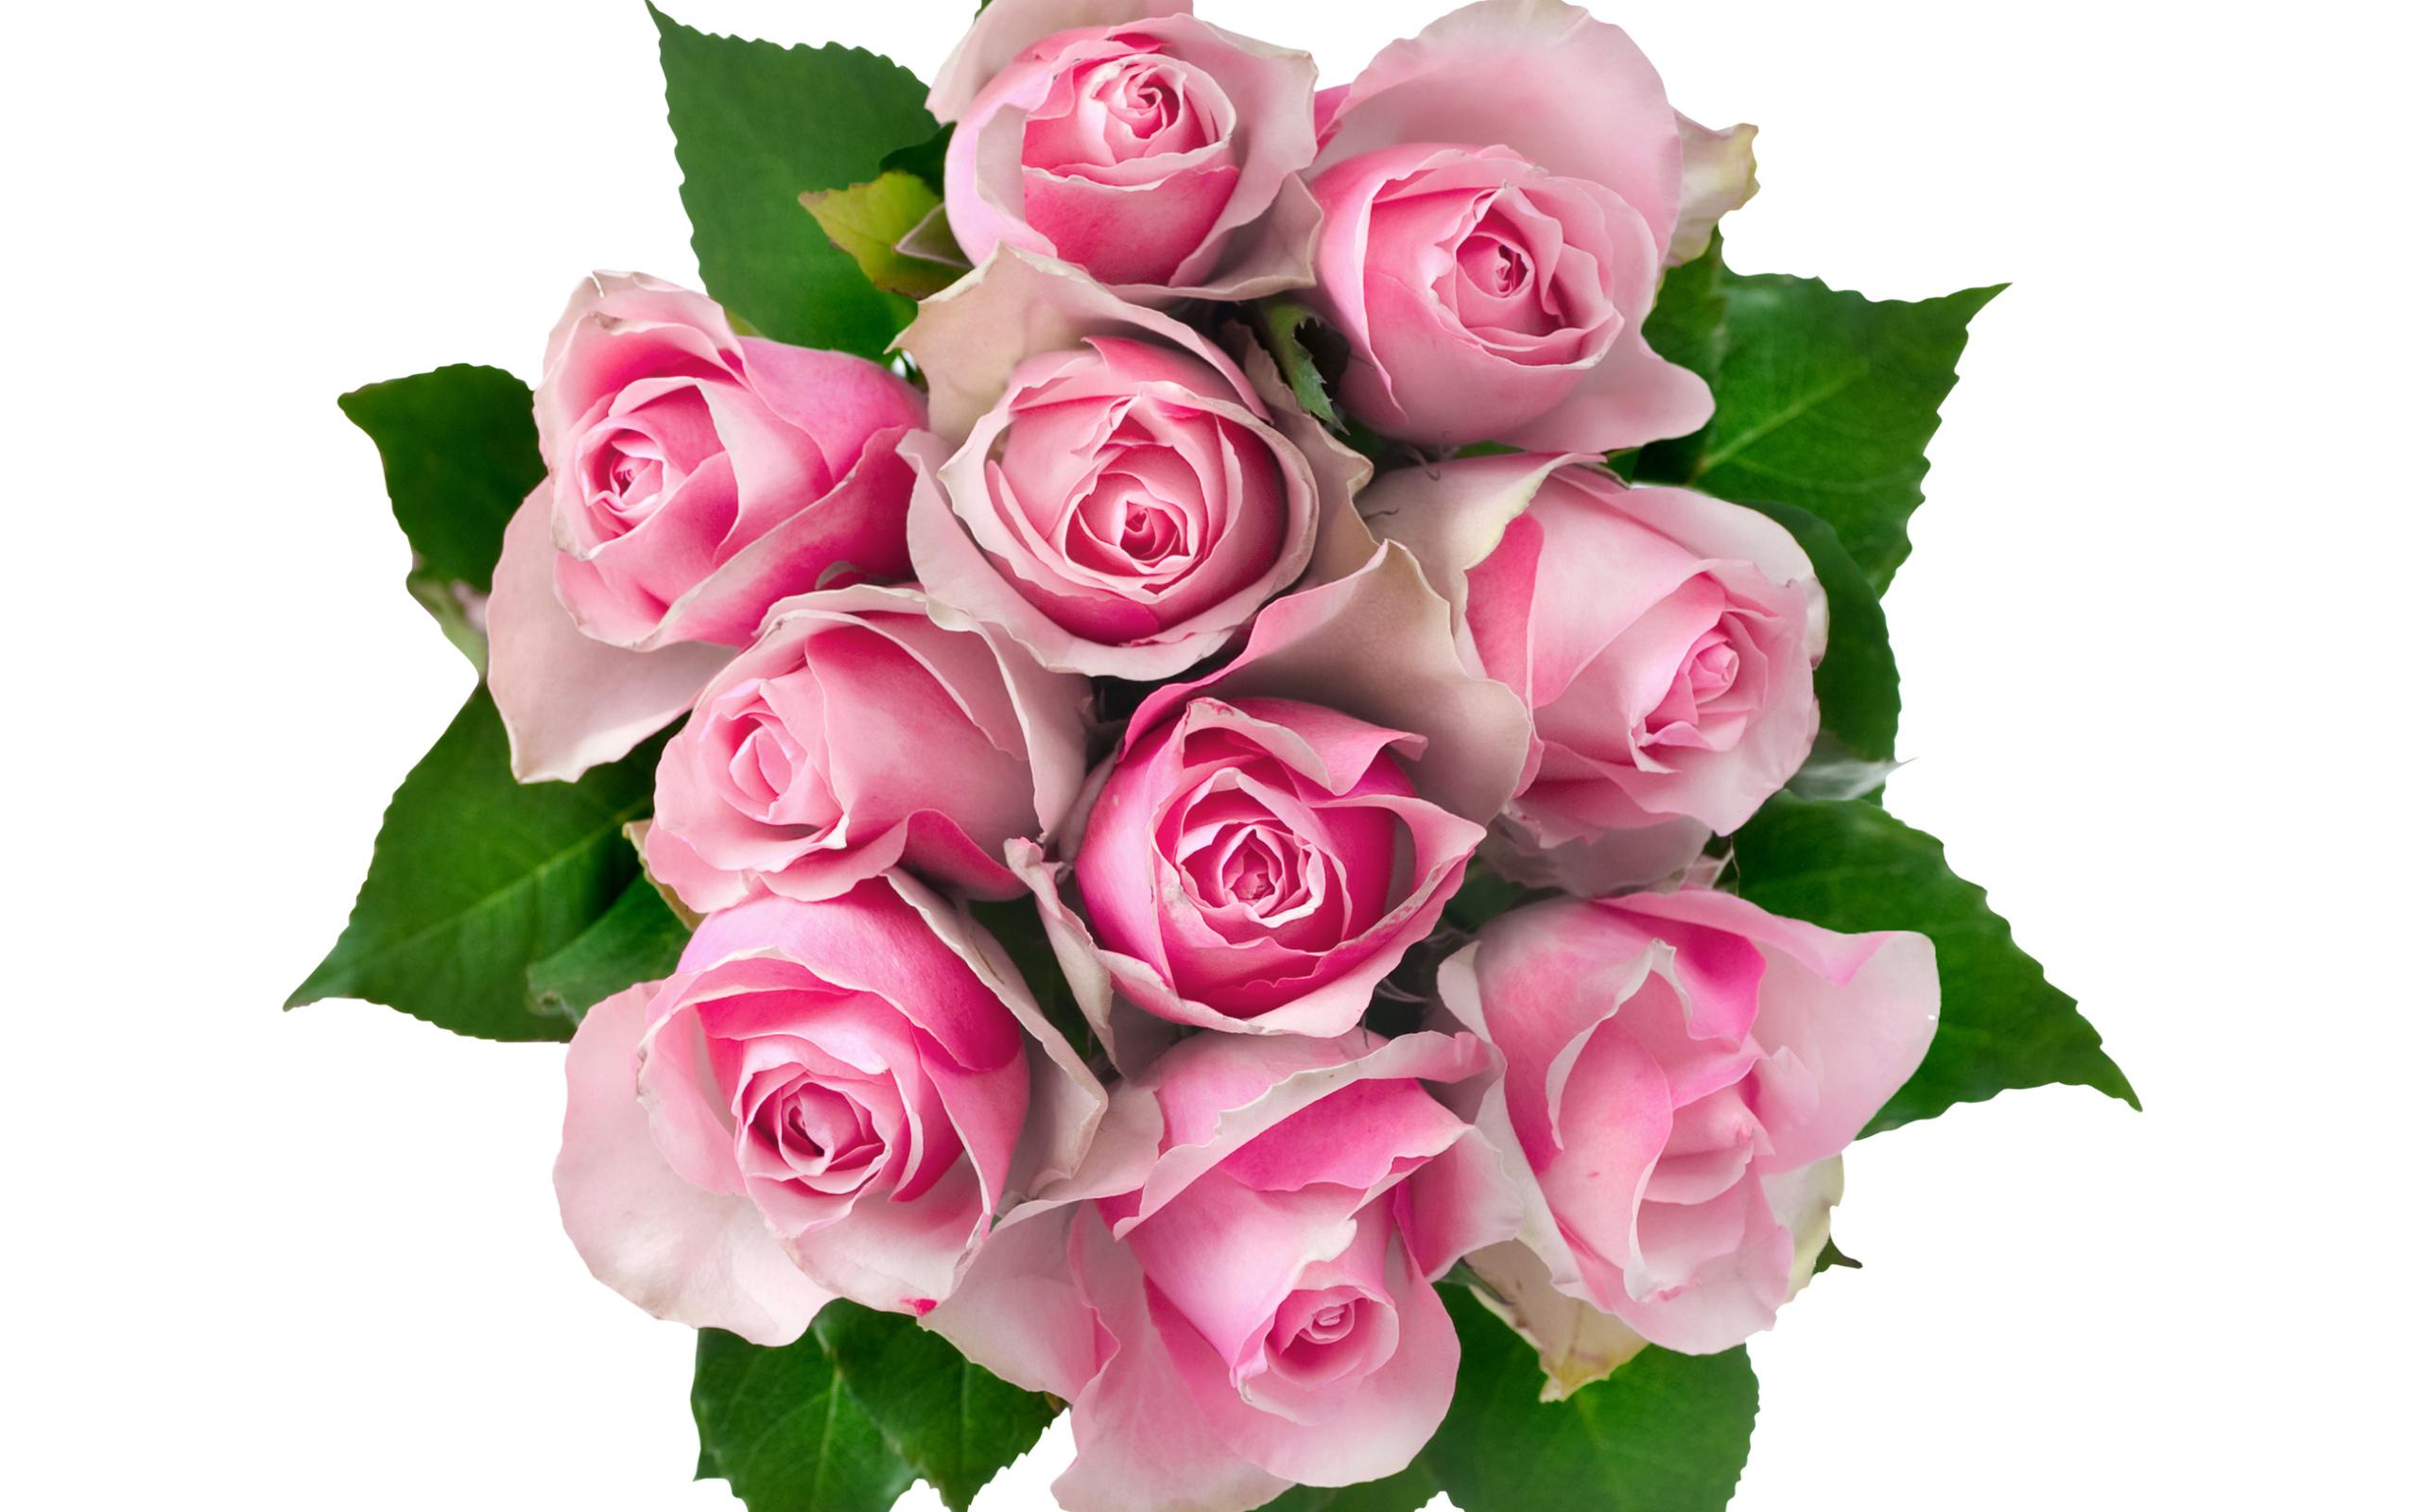 розовые розы фото на прозрачном фоне илеальном состоянии